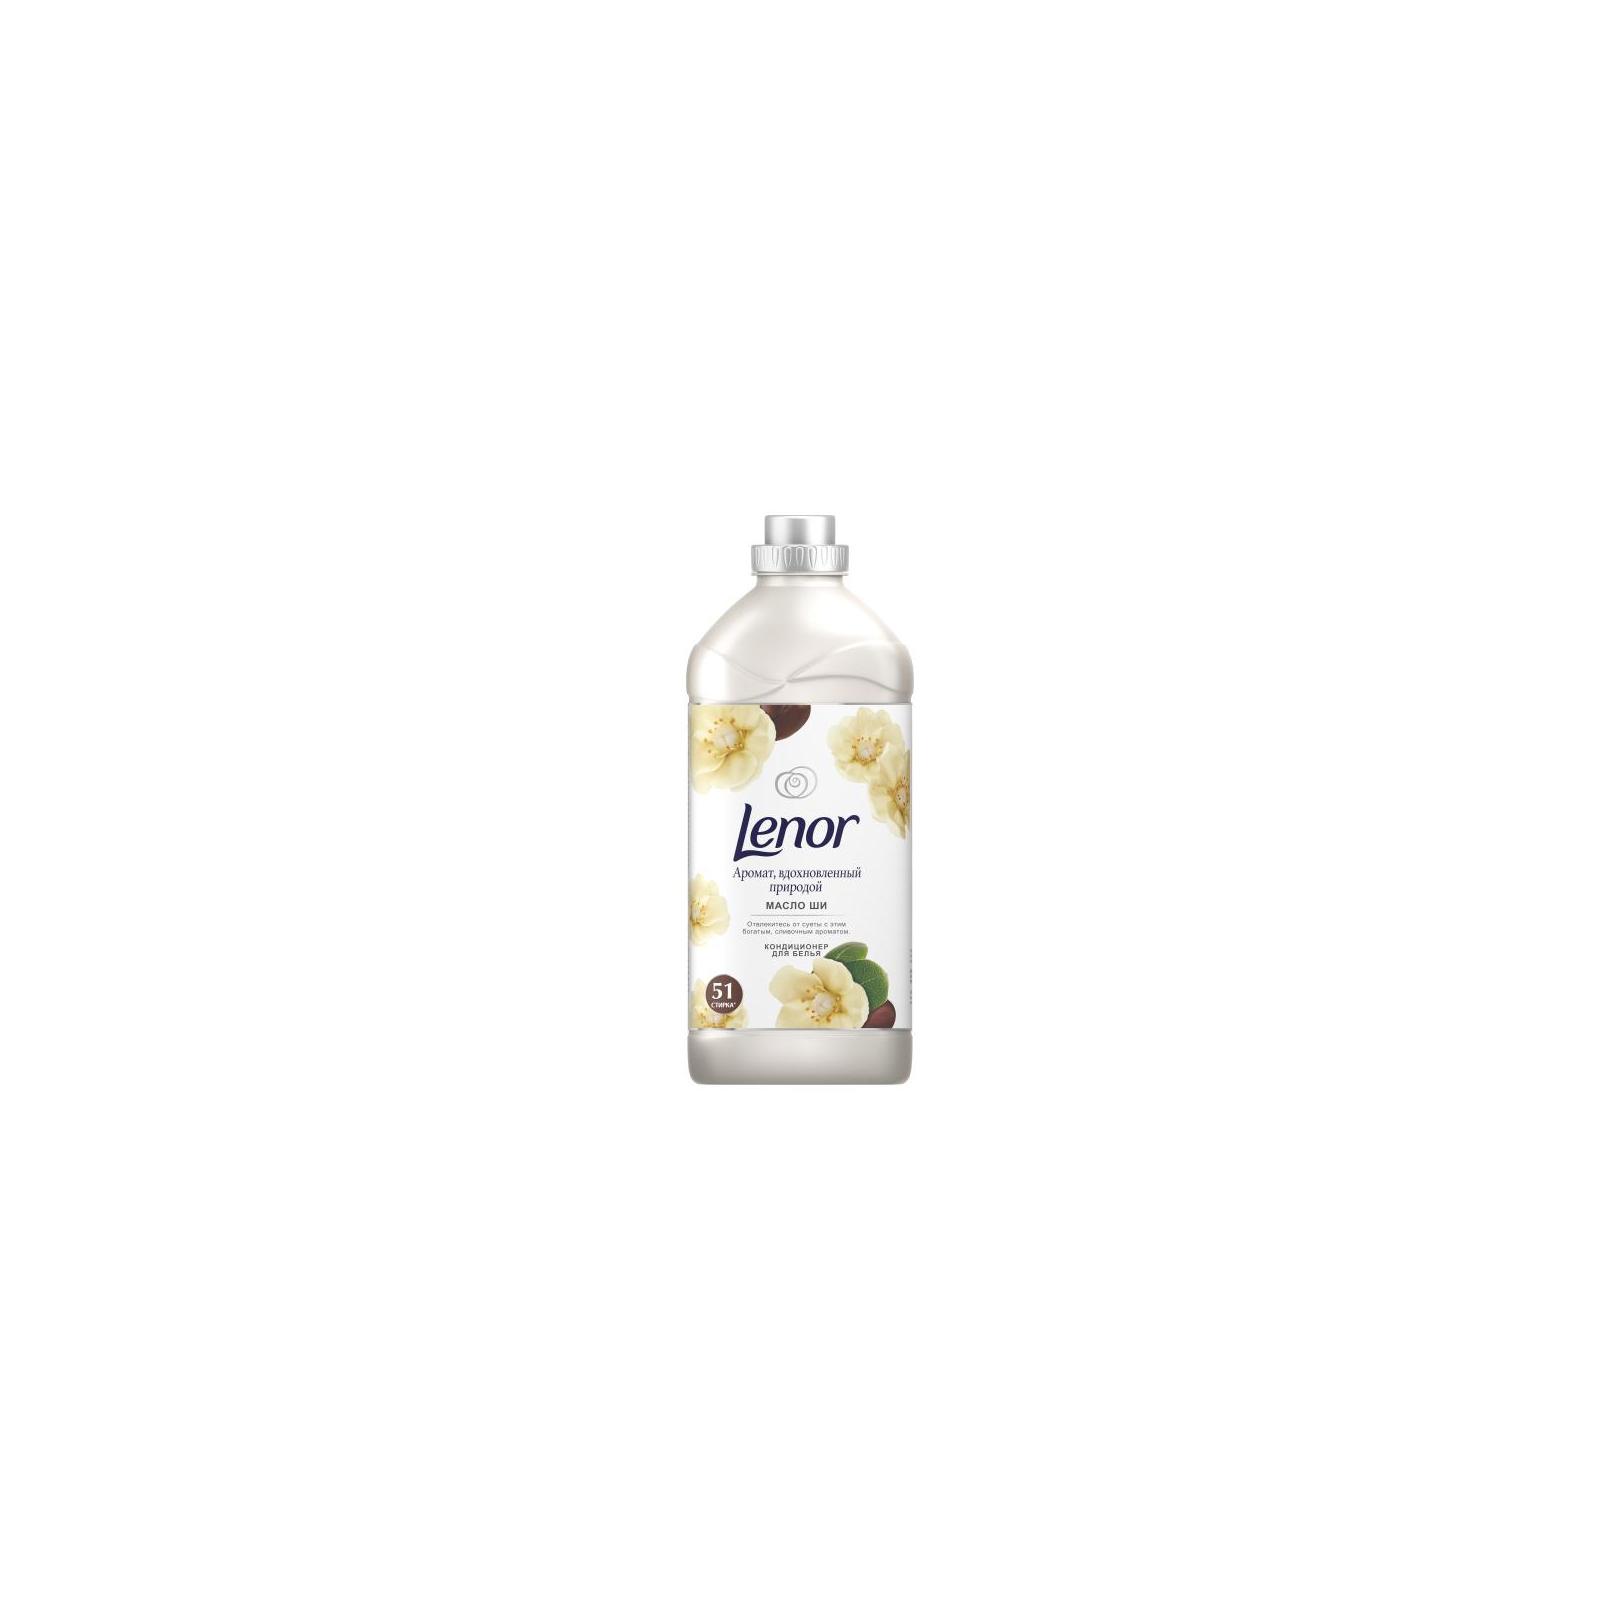 Кондиционер для белья Lenor Масло Ши 1.78 л (8001090509642)